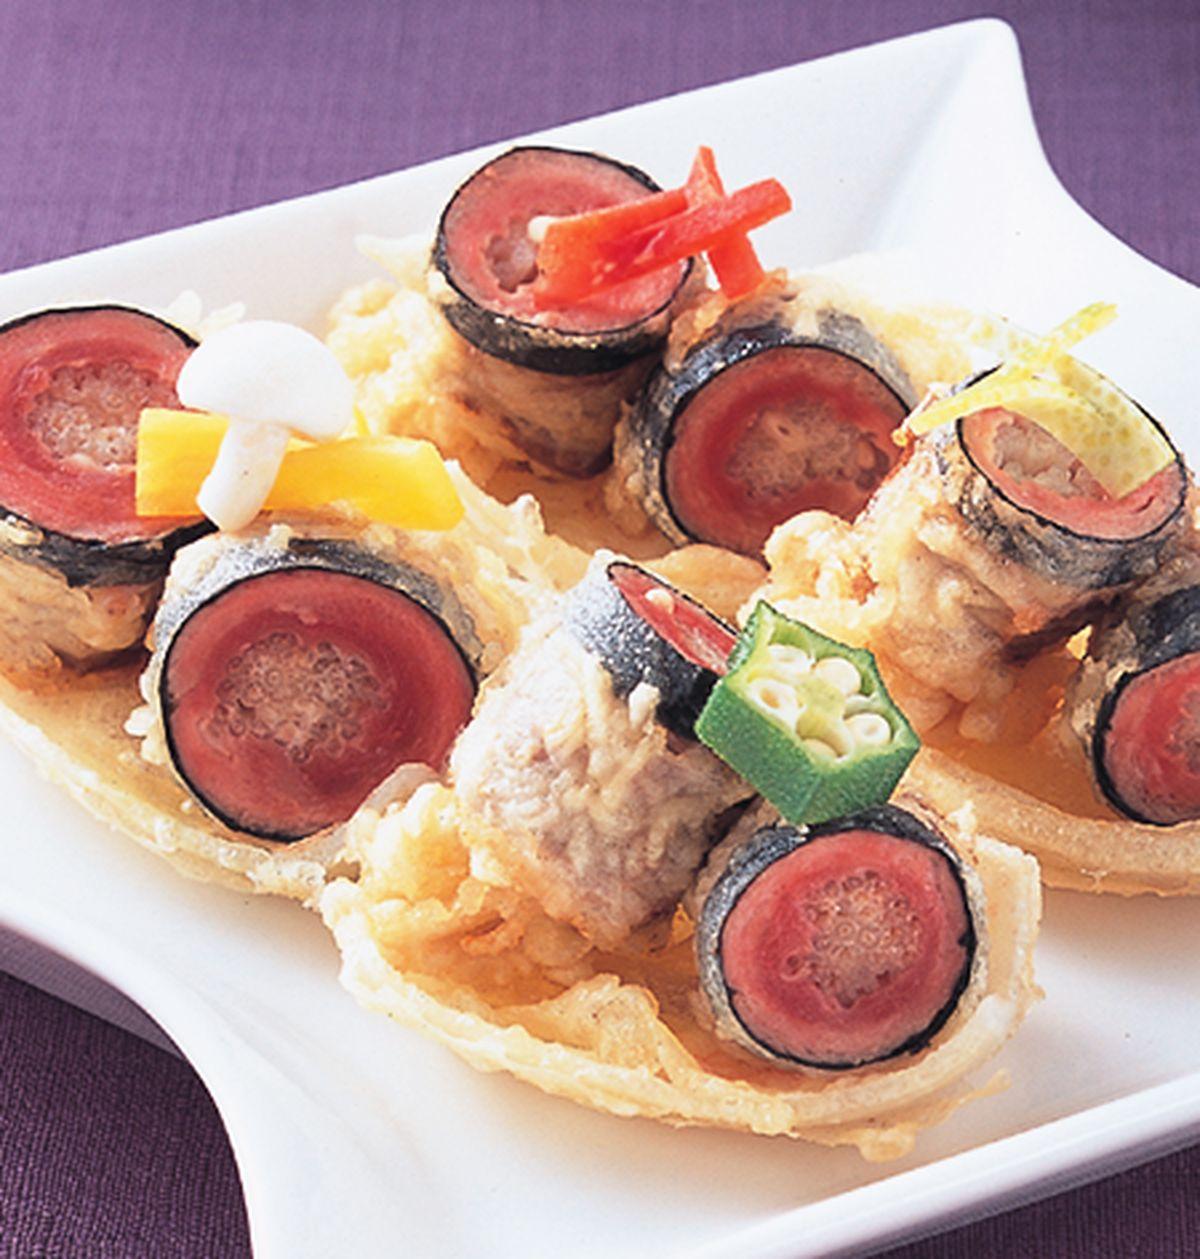 食譜:沙朗蔬菜天